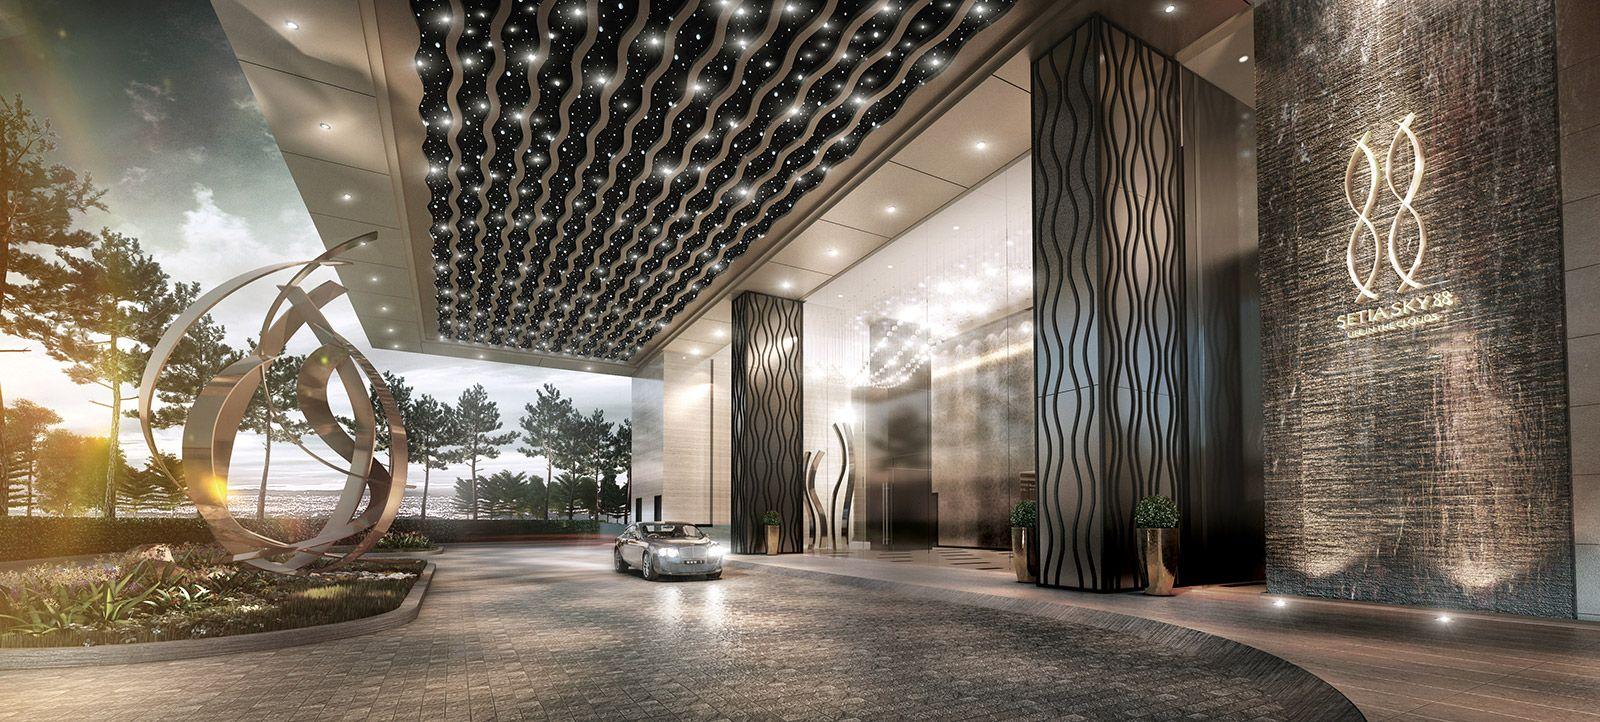 Setia sky 88 iskandar malaysia city centre u c for Hotel entrance decor